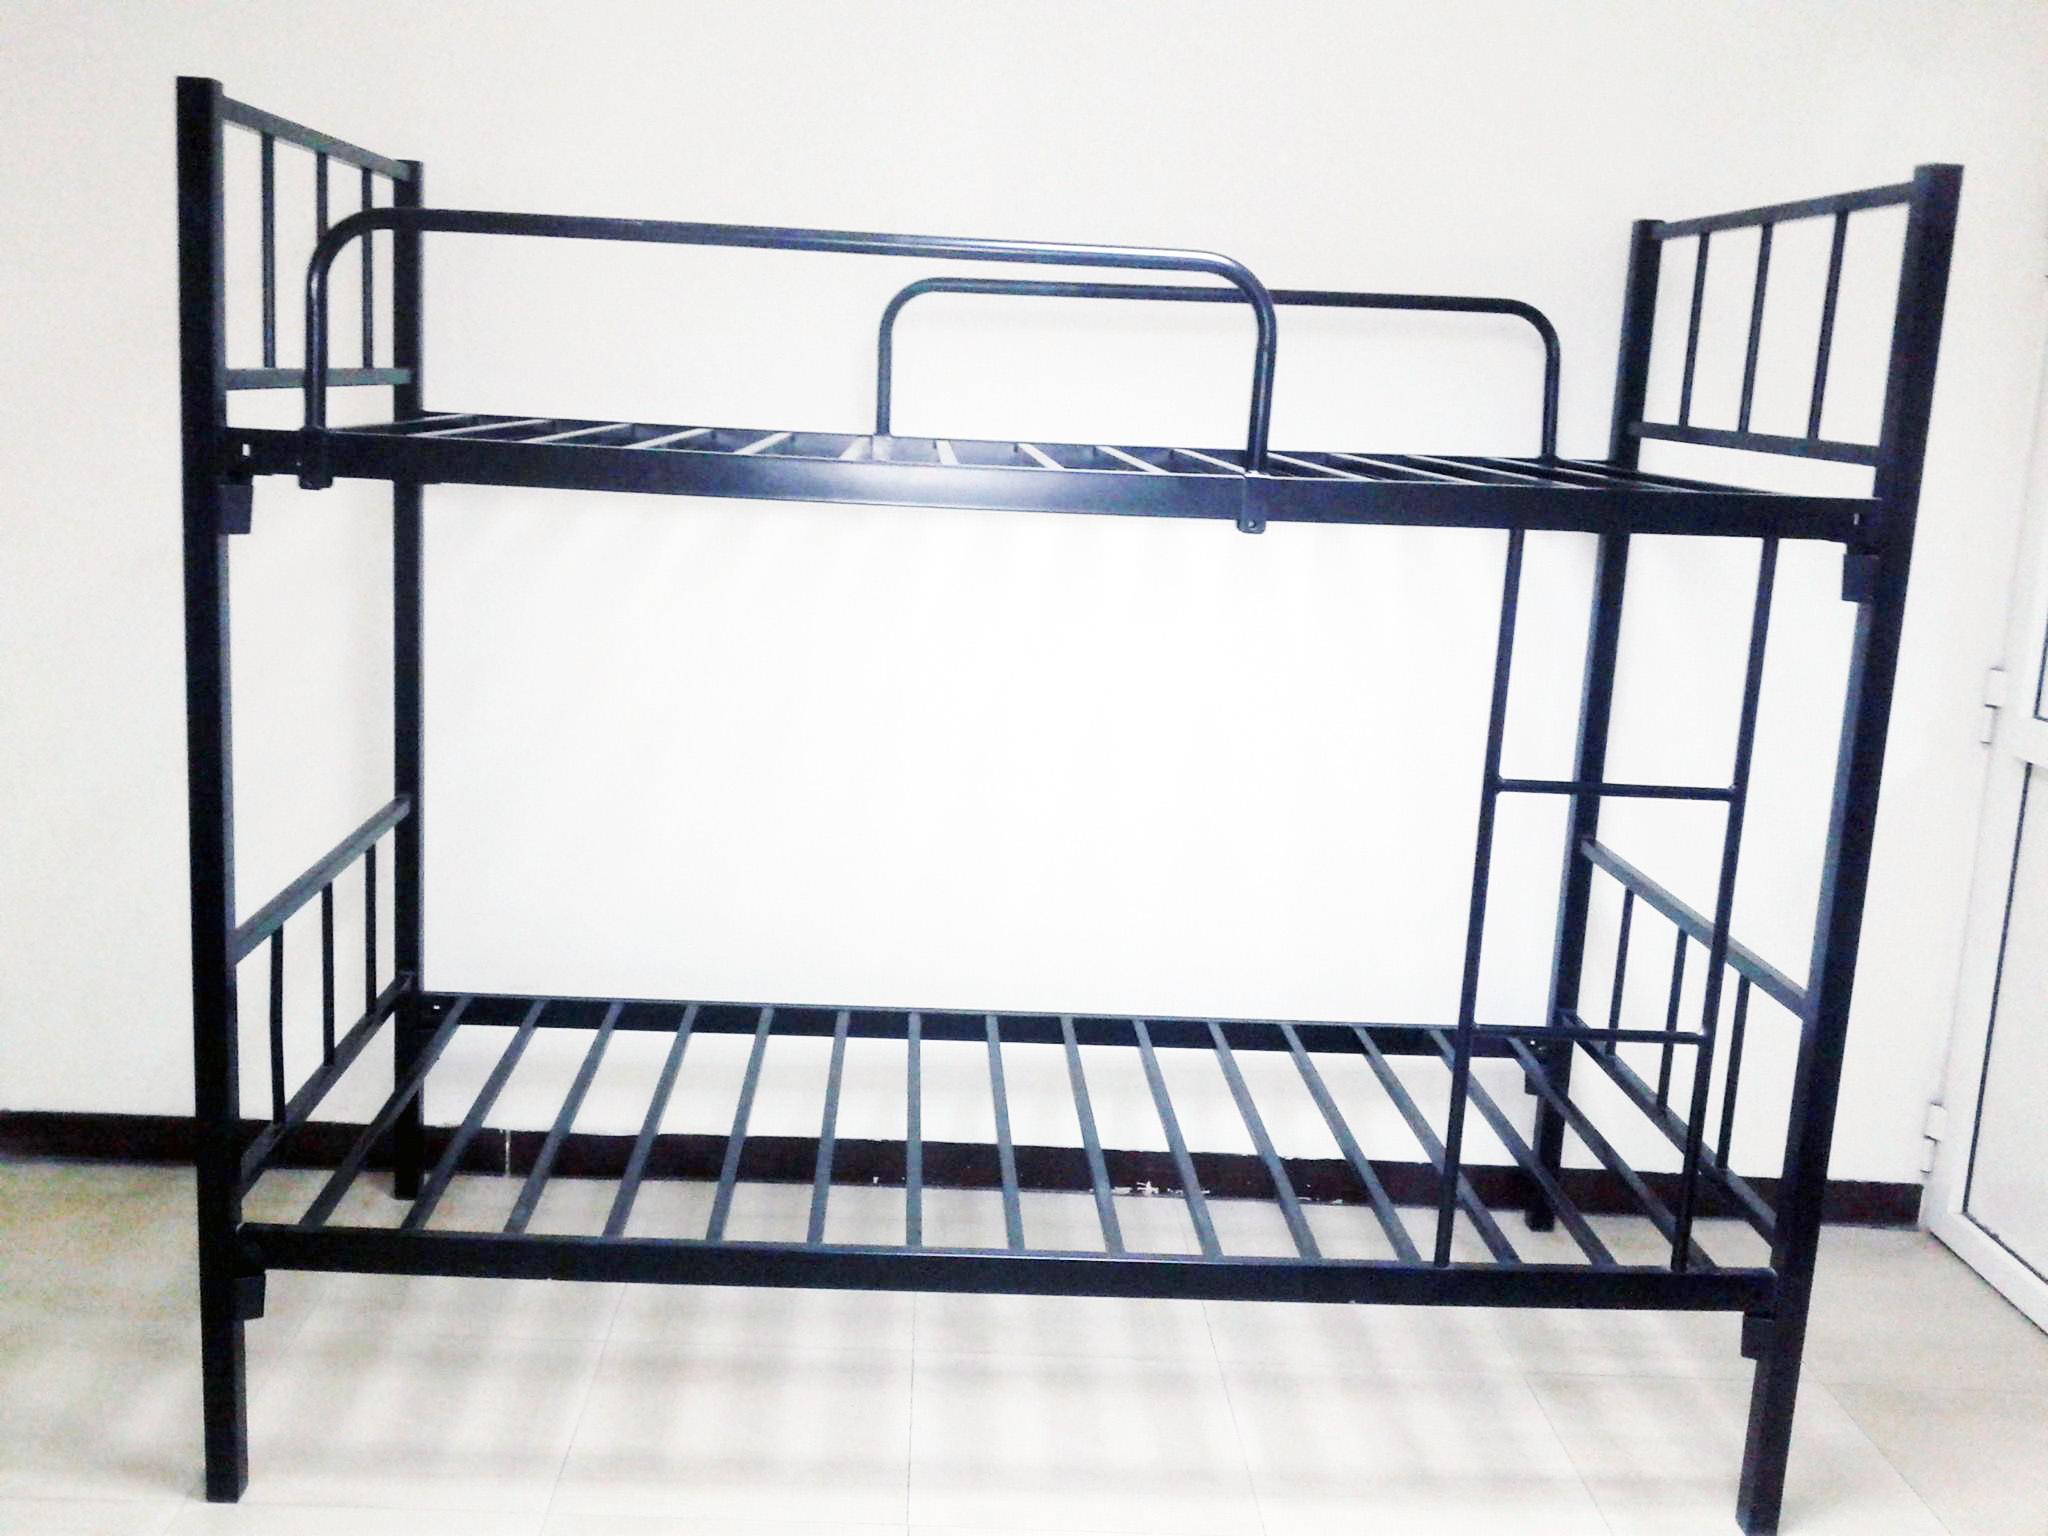 Steel Storage Racks Supplier In Uae